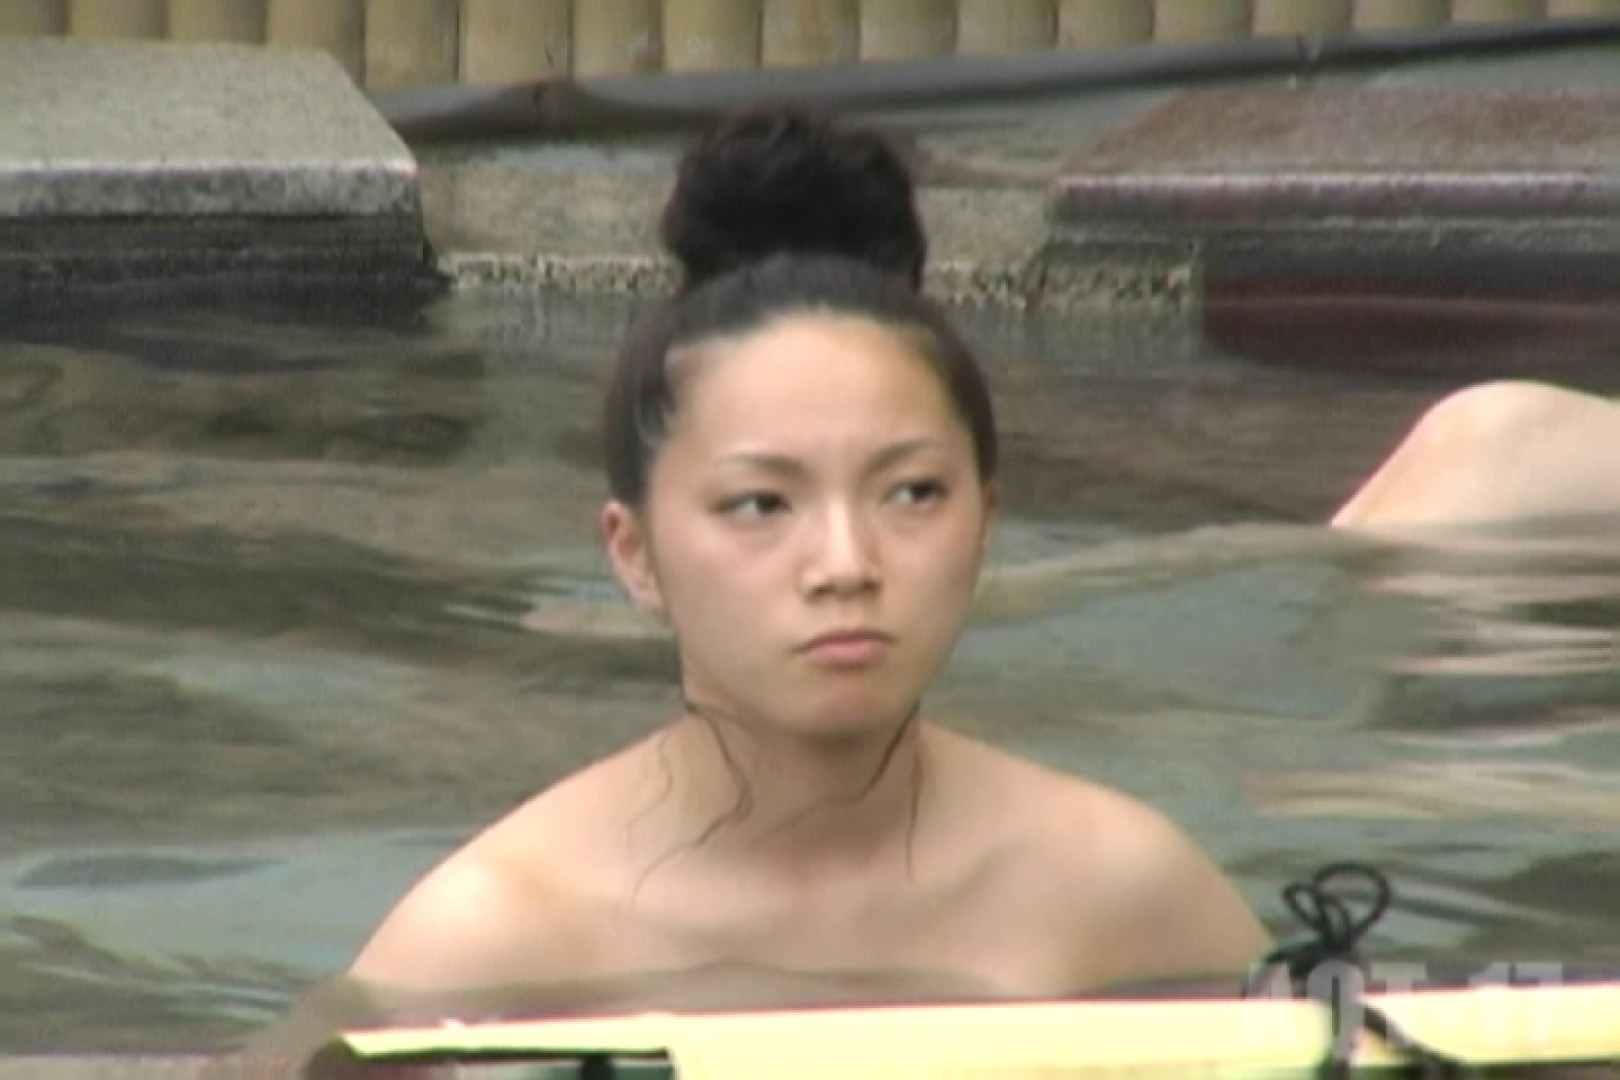 Aquaな露天風呂Vol.853 露天風呂 | 盗撮動画  9枚 1